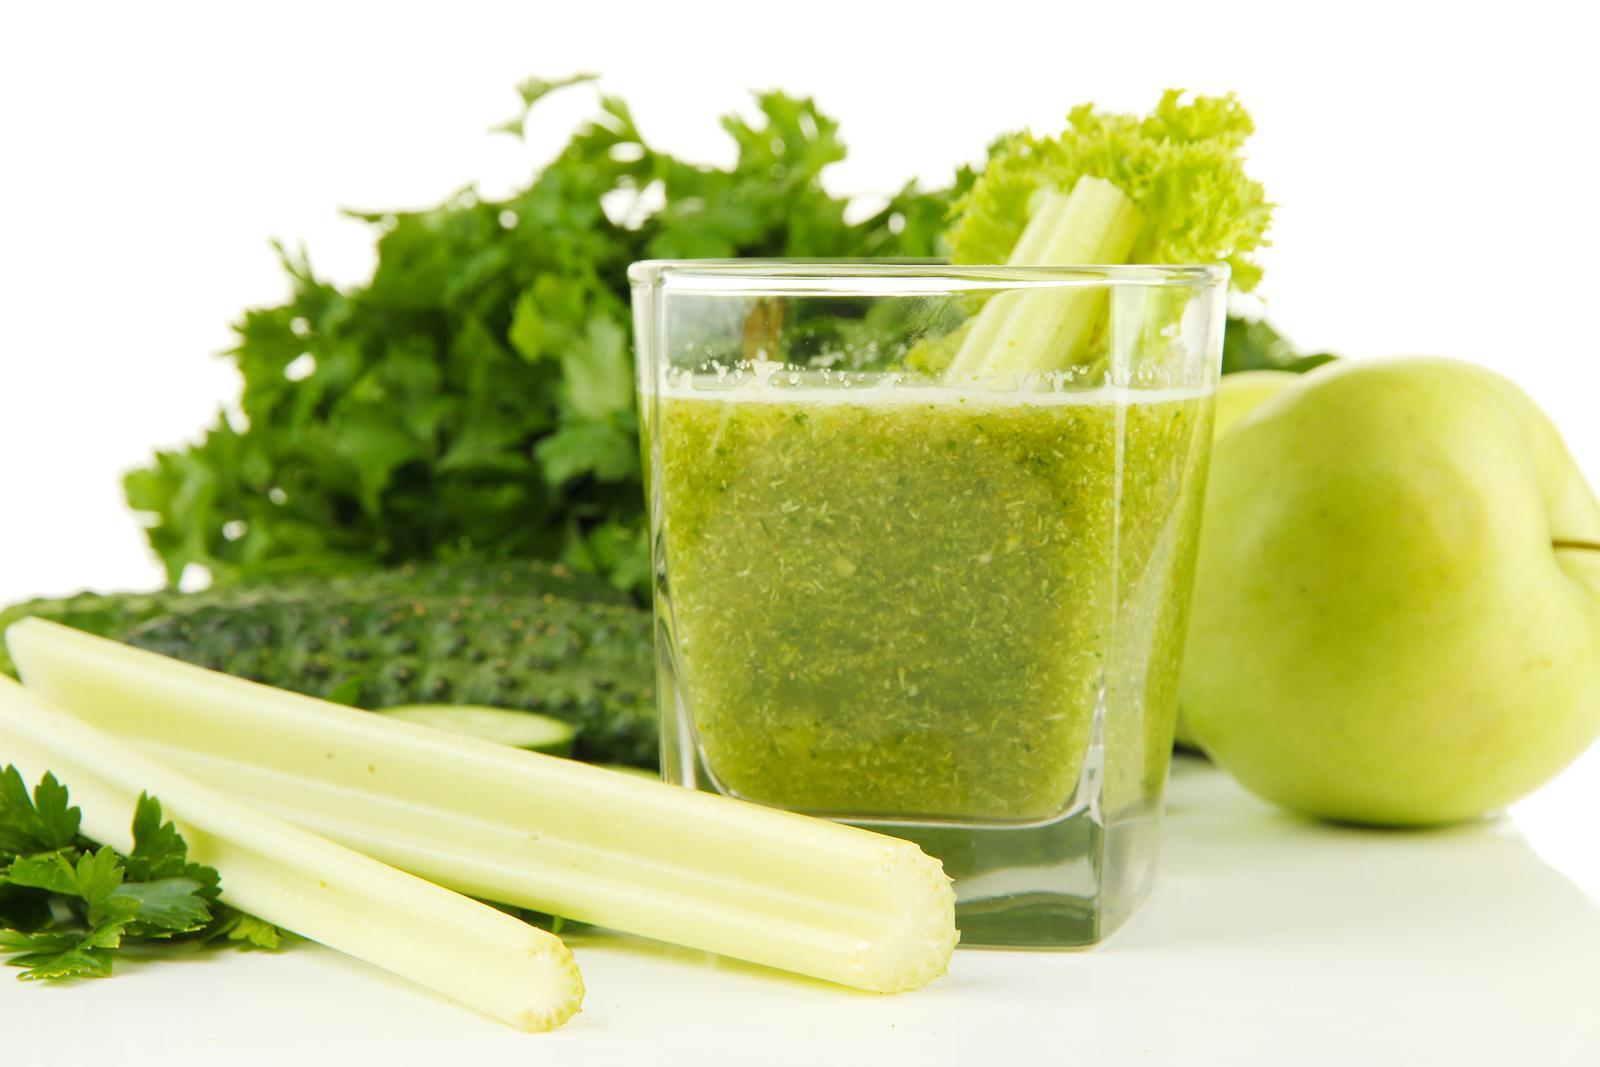 preparar jugos verdes